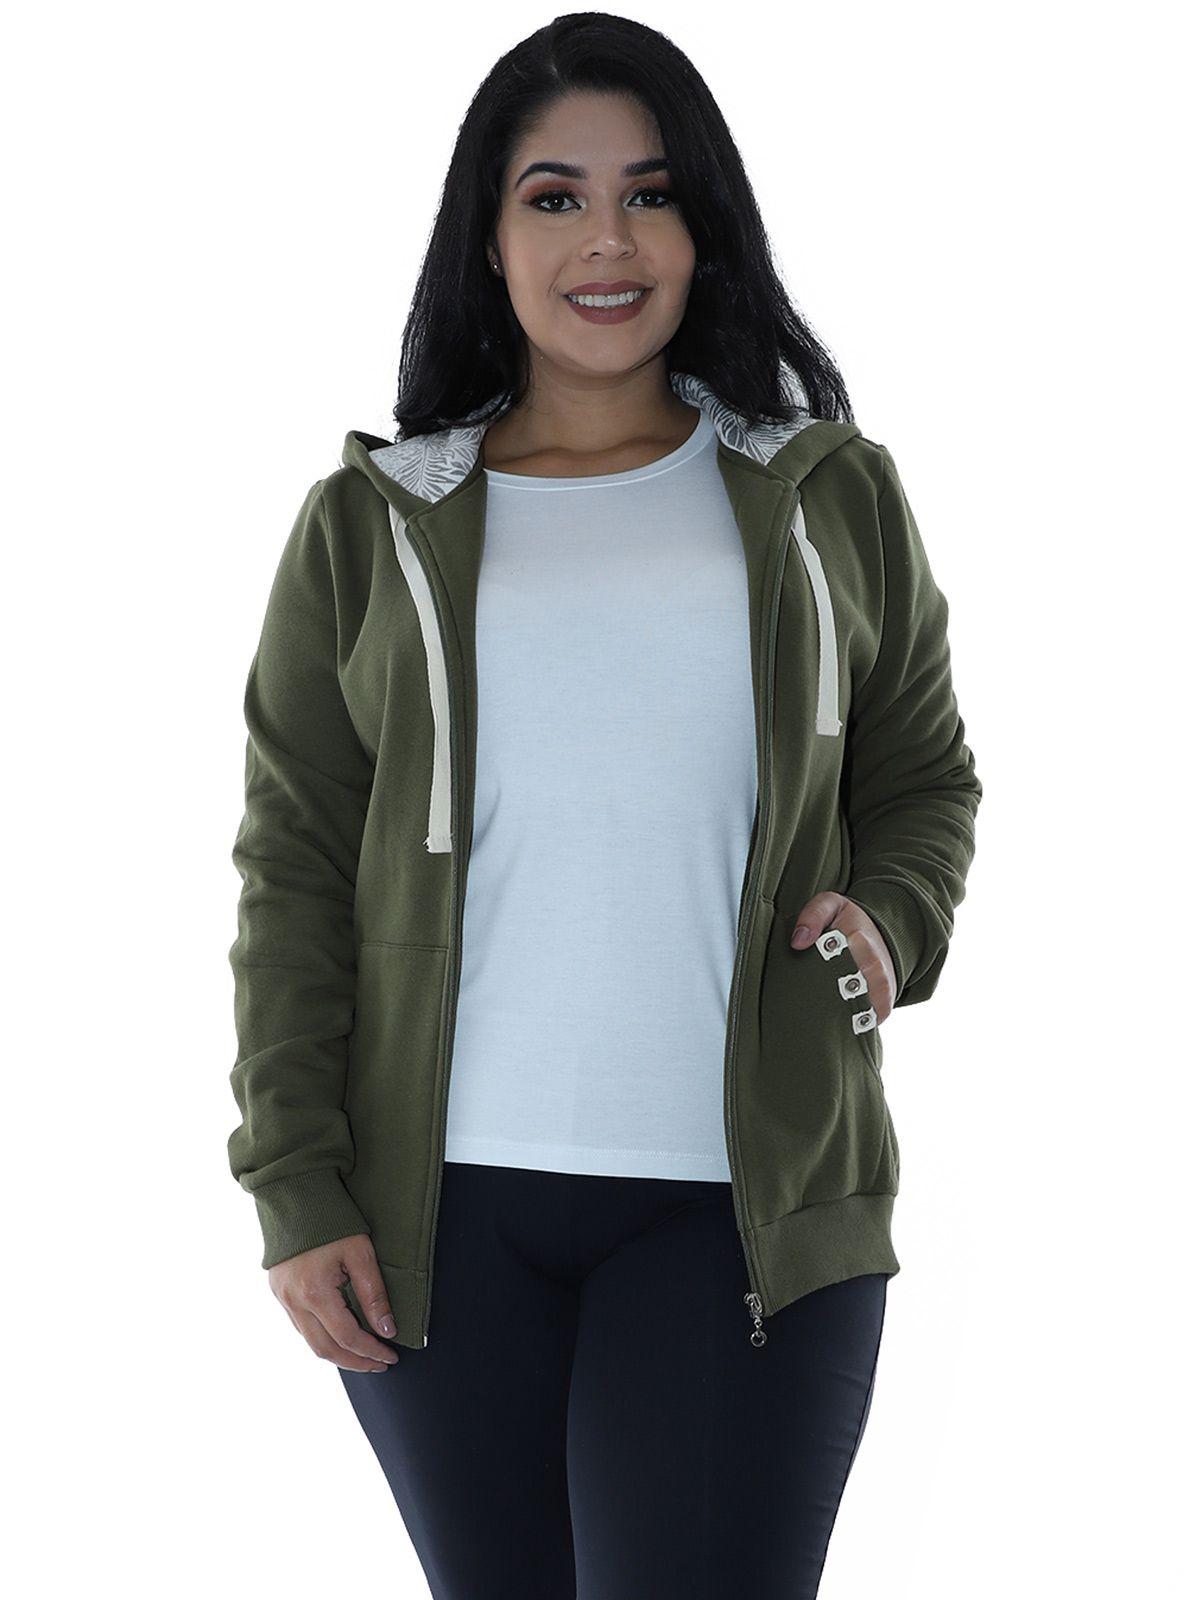 Casaco Plus Size de Moletom Forro do Capuz Estampado Verde Militar